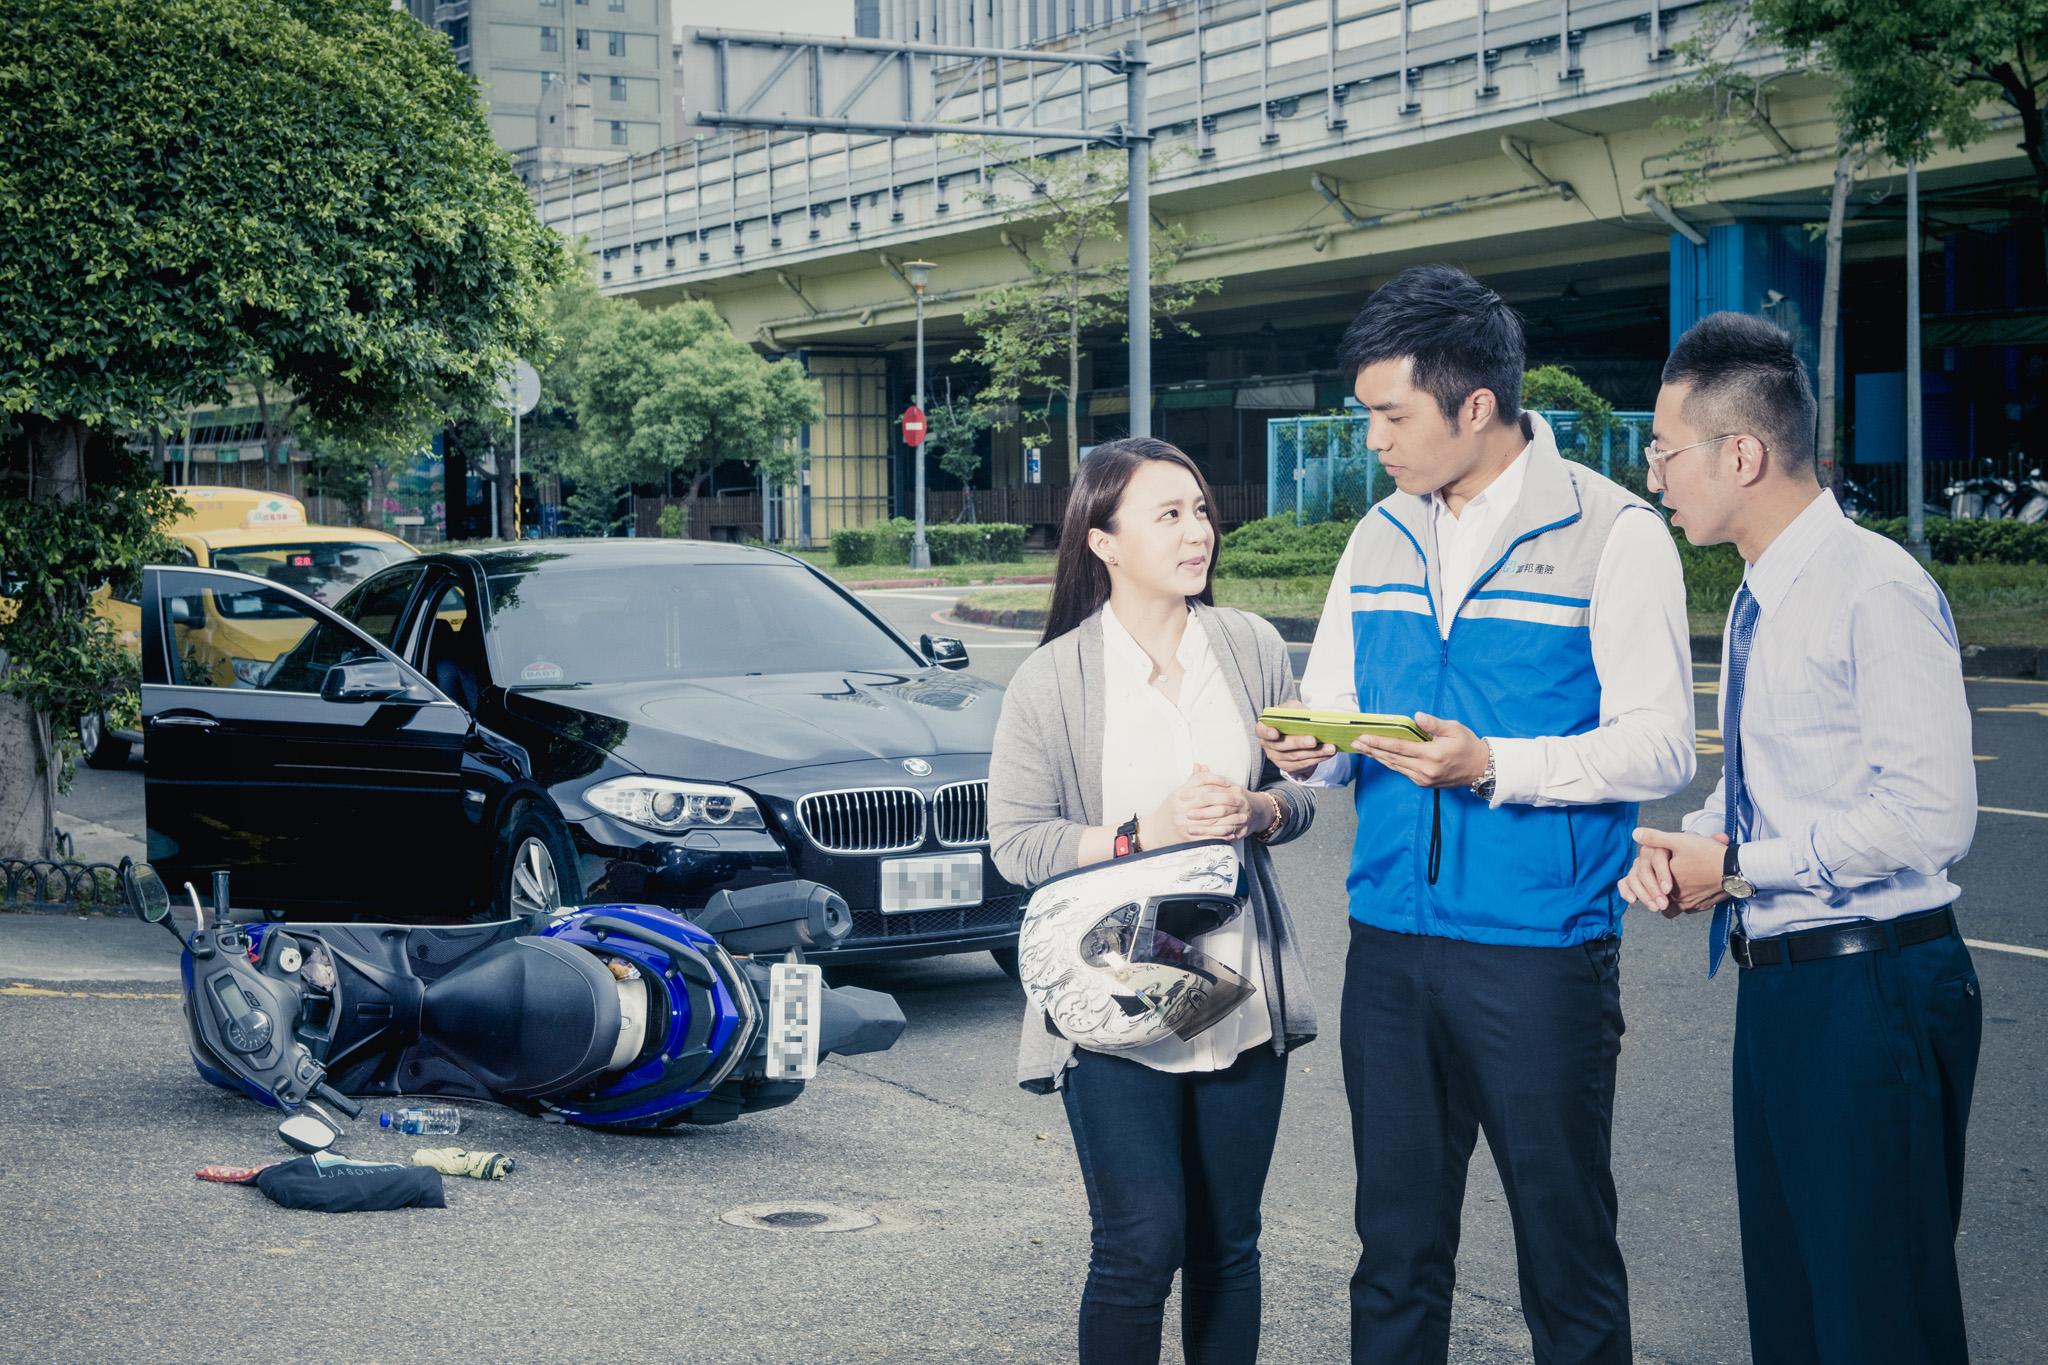 車主可考量汽車新舊、並根據個人經濟能力投保車險。